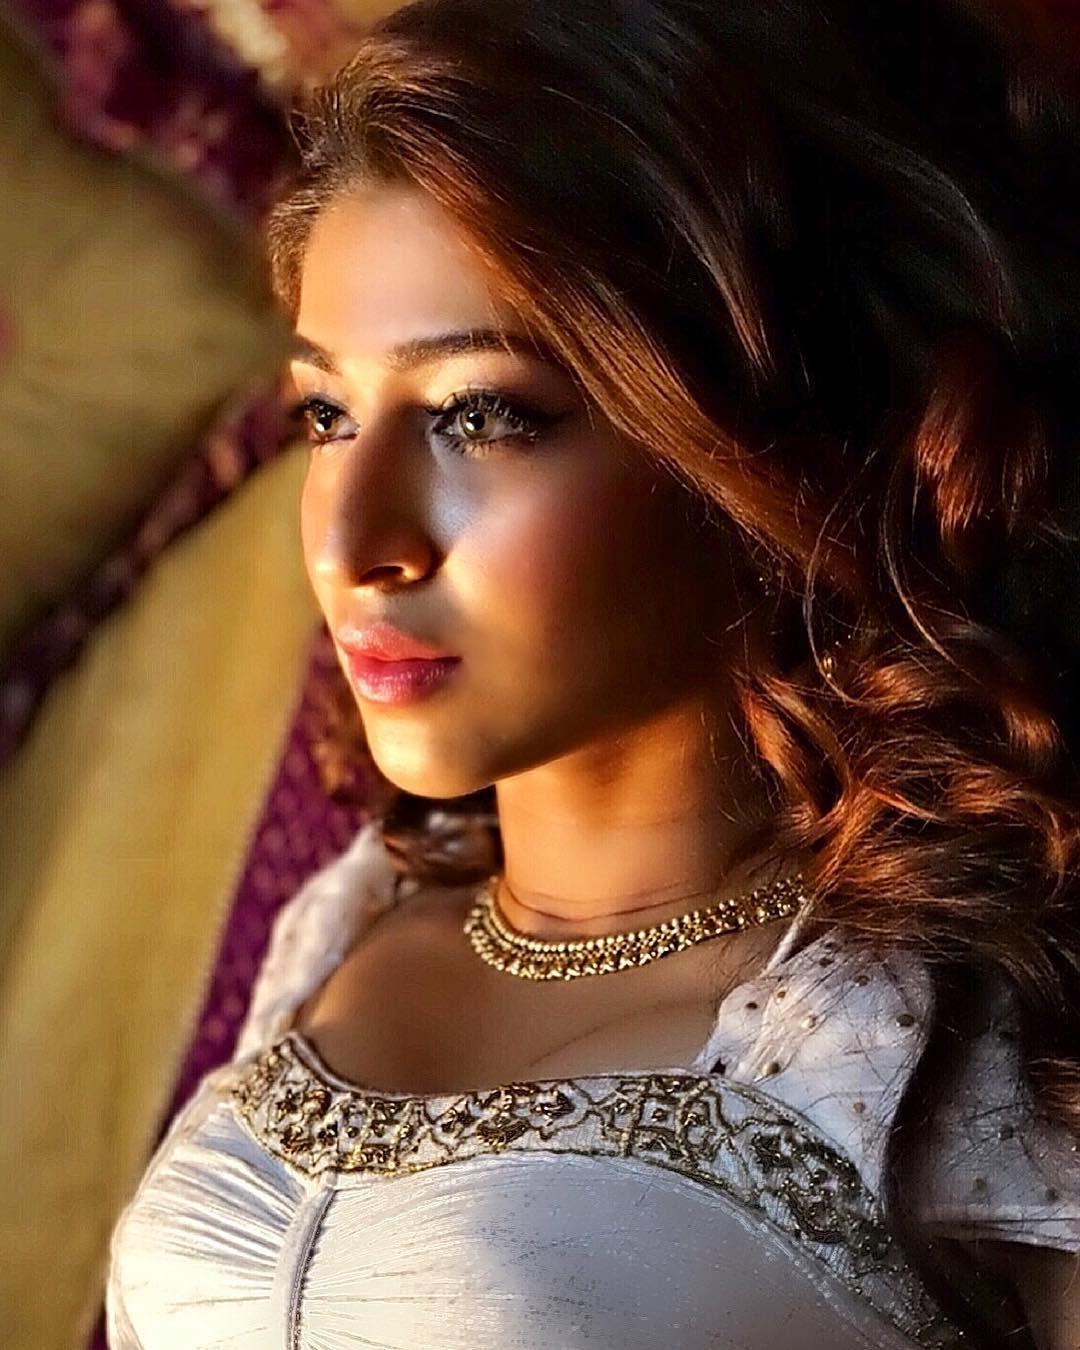 Sonarika Bhadoria Hot: Beautiful, Sexy, And Hot Images Of Sonarika